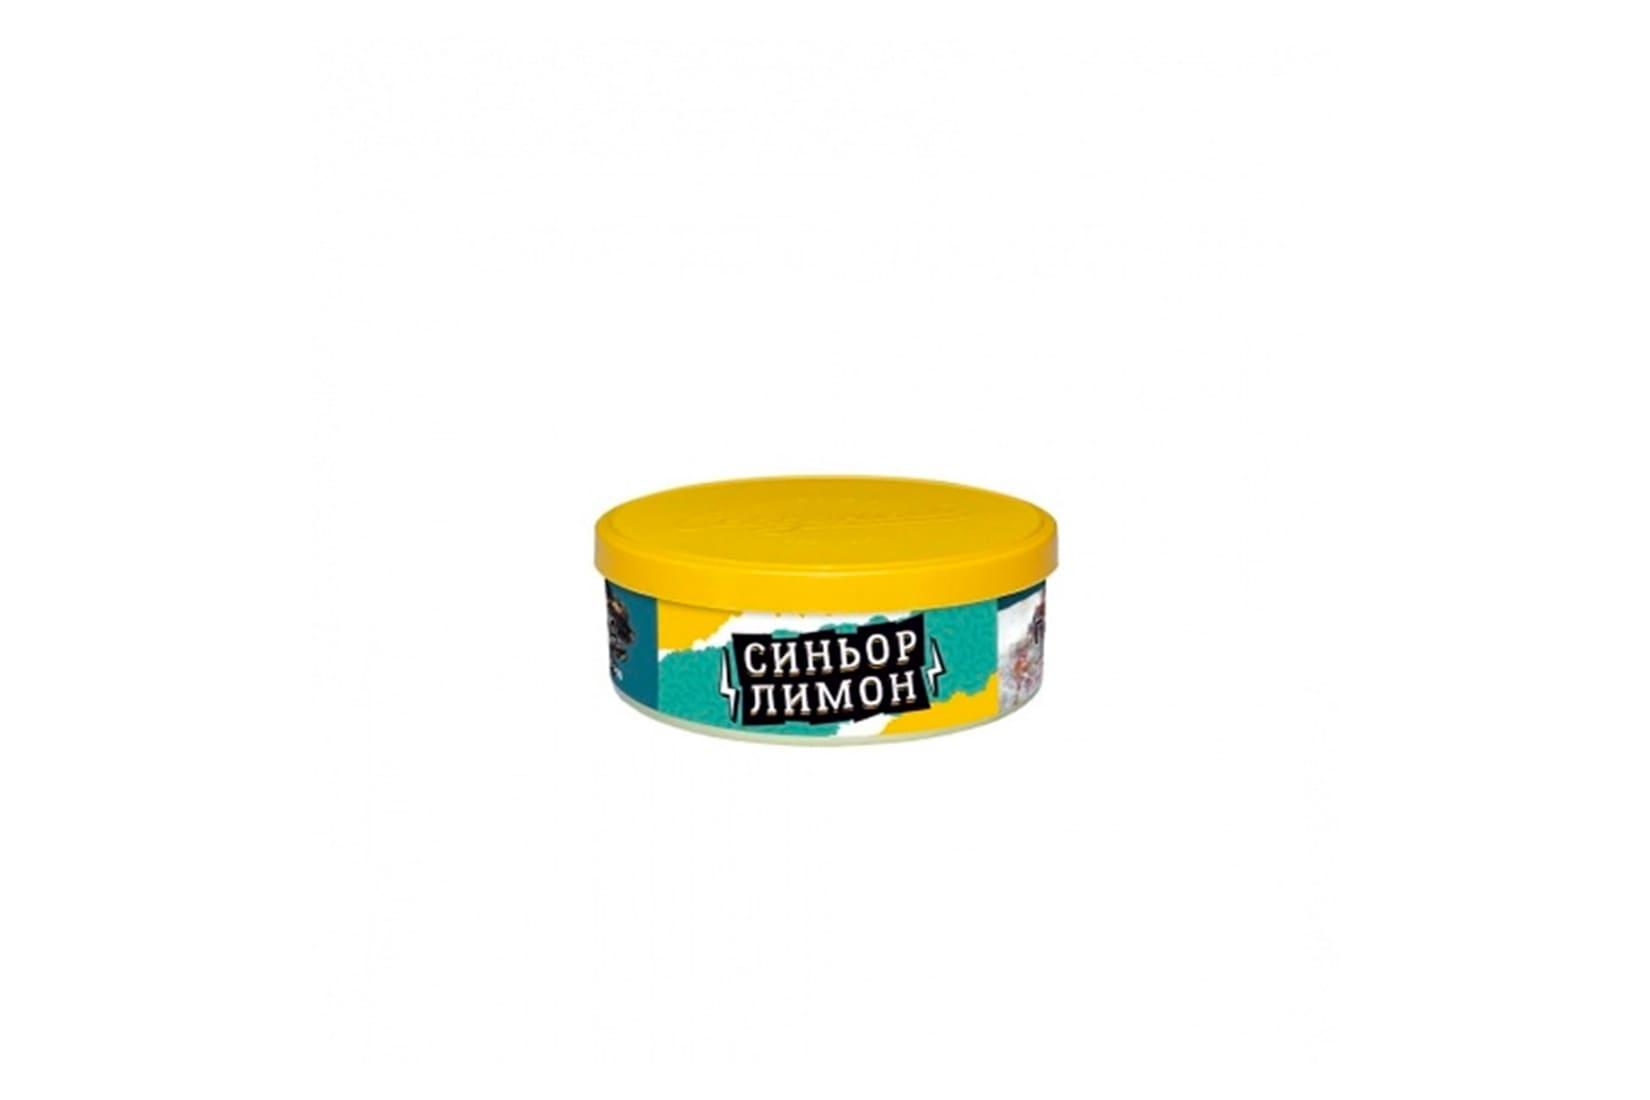 Табак для кальяна Северный Синьор лимон – описание, миксы, отзывы